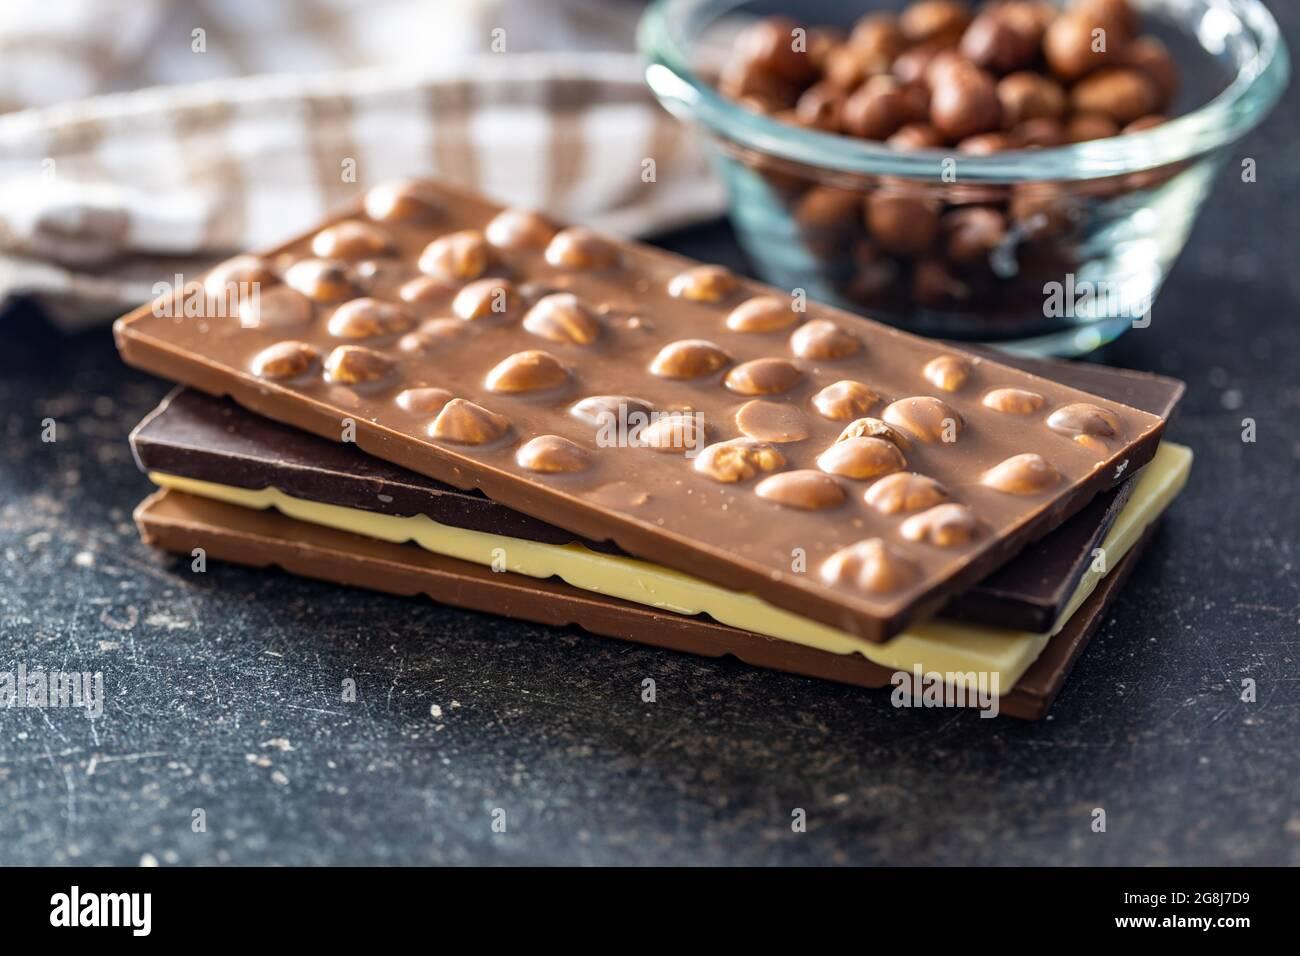 Diverses barres de chocolat aux noisettes sur table noire. Banque D'Images